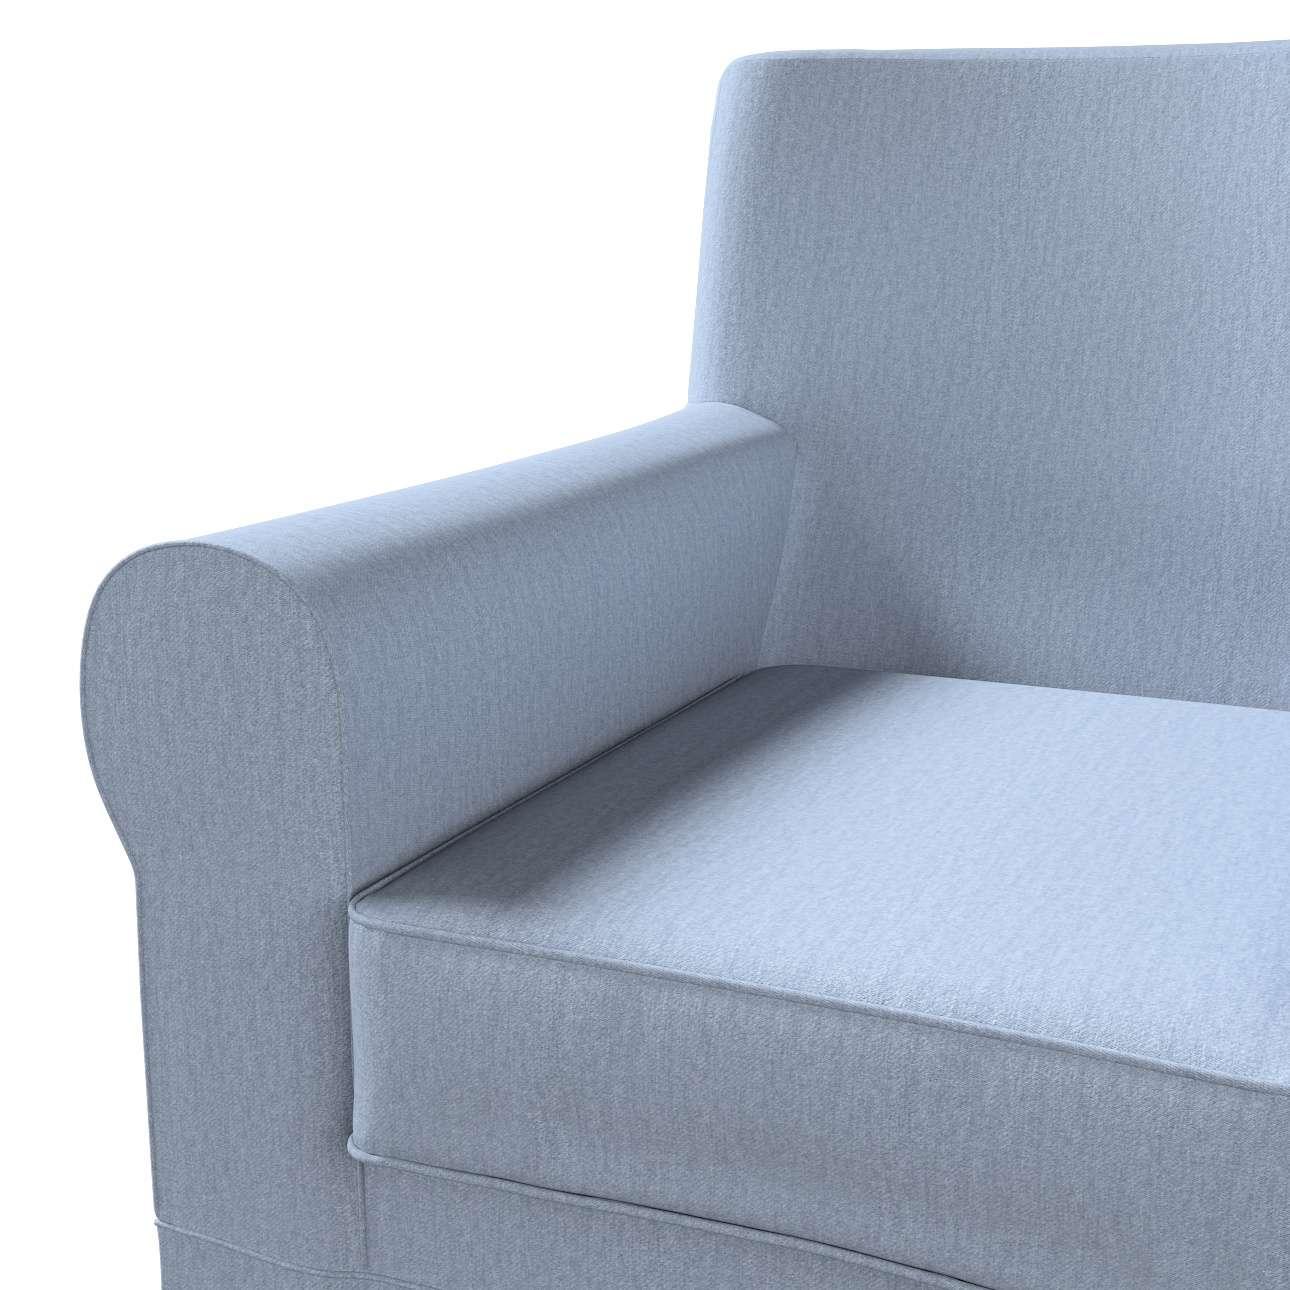 Pokrowiec na fotel Ektorp Jennylund w kolekcji Chenille, tkanina: 702-13